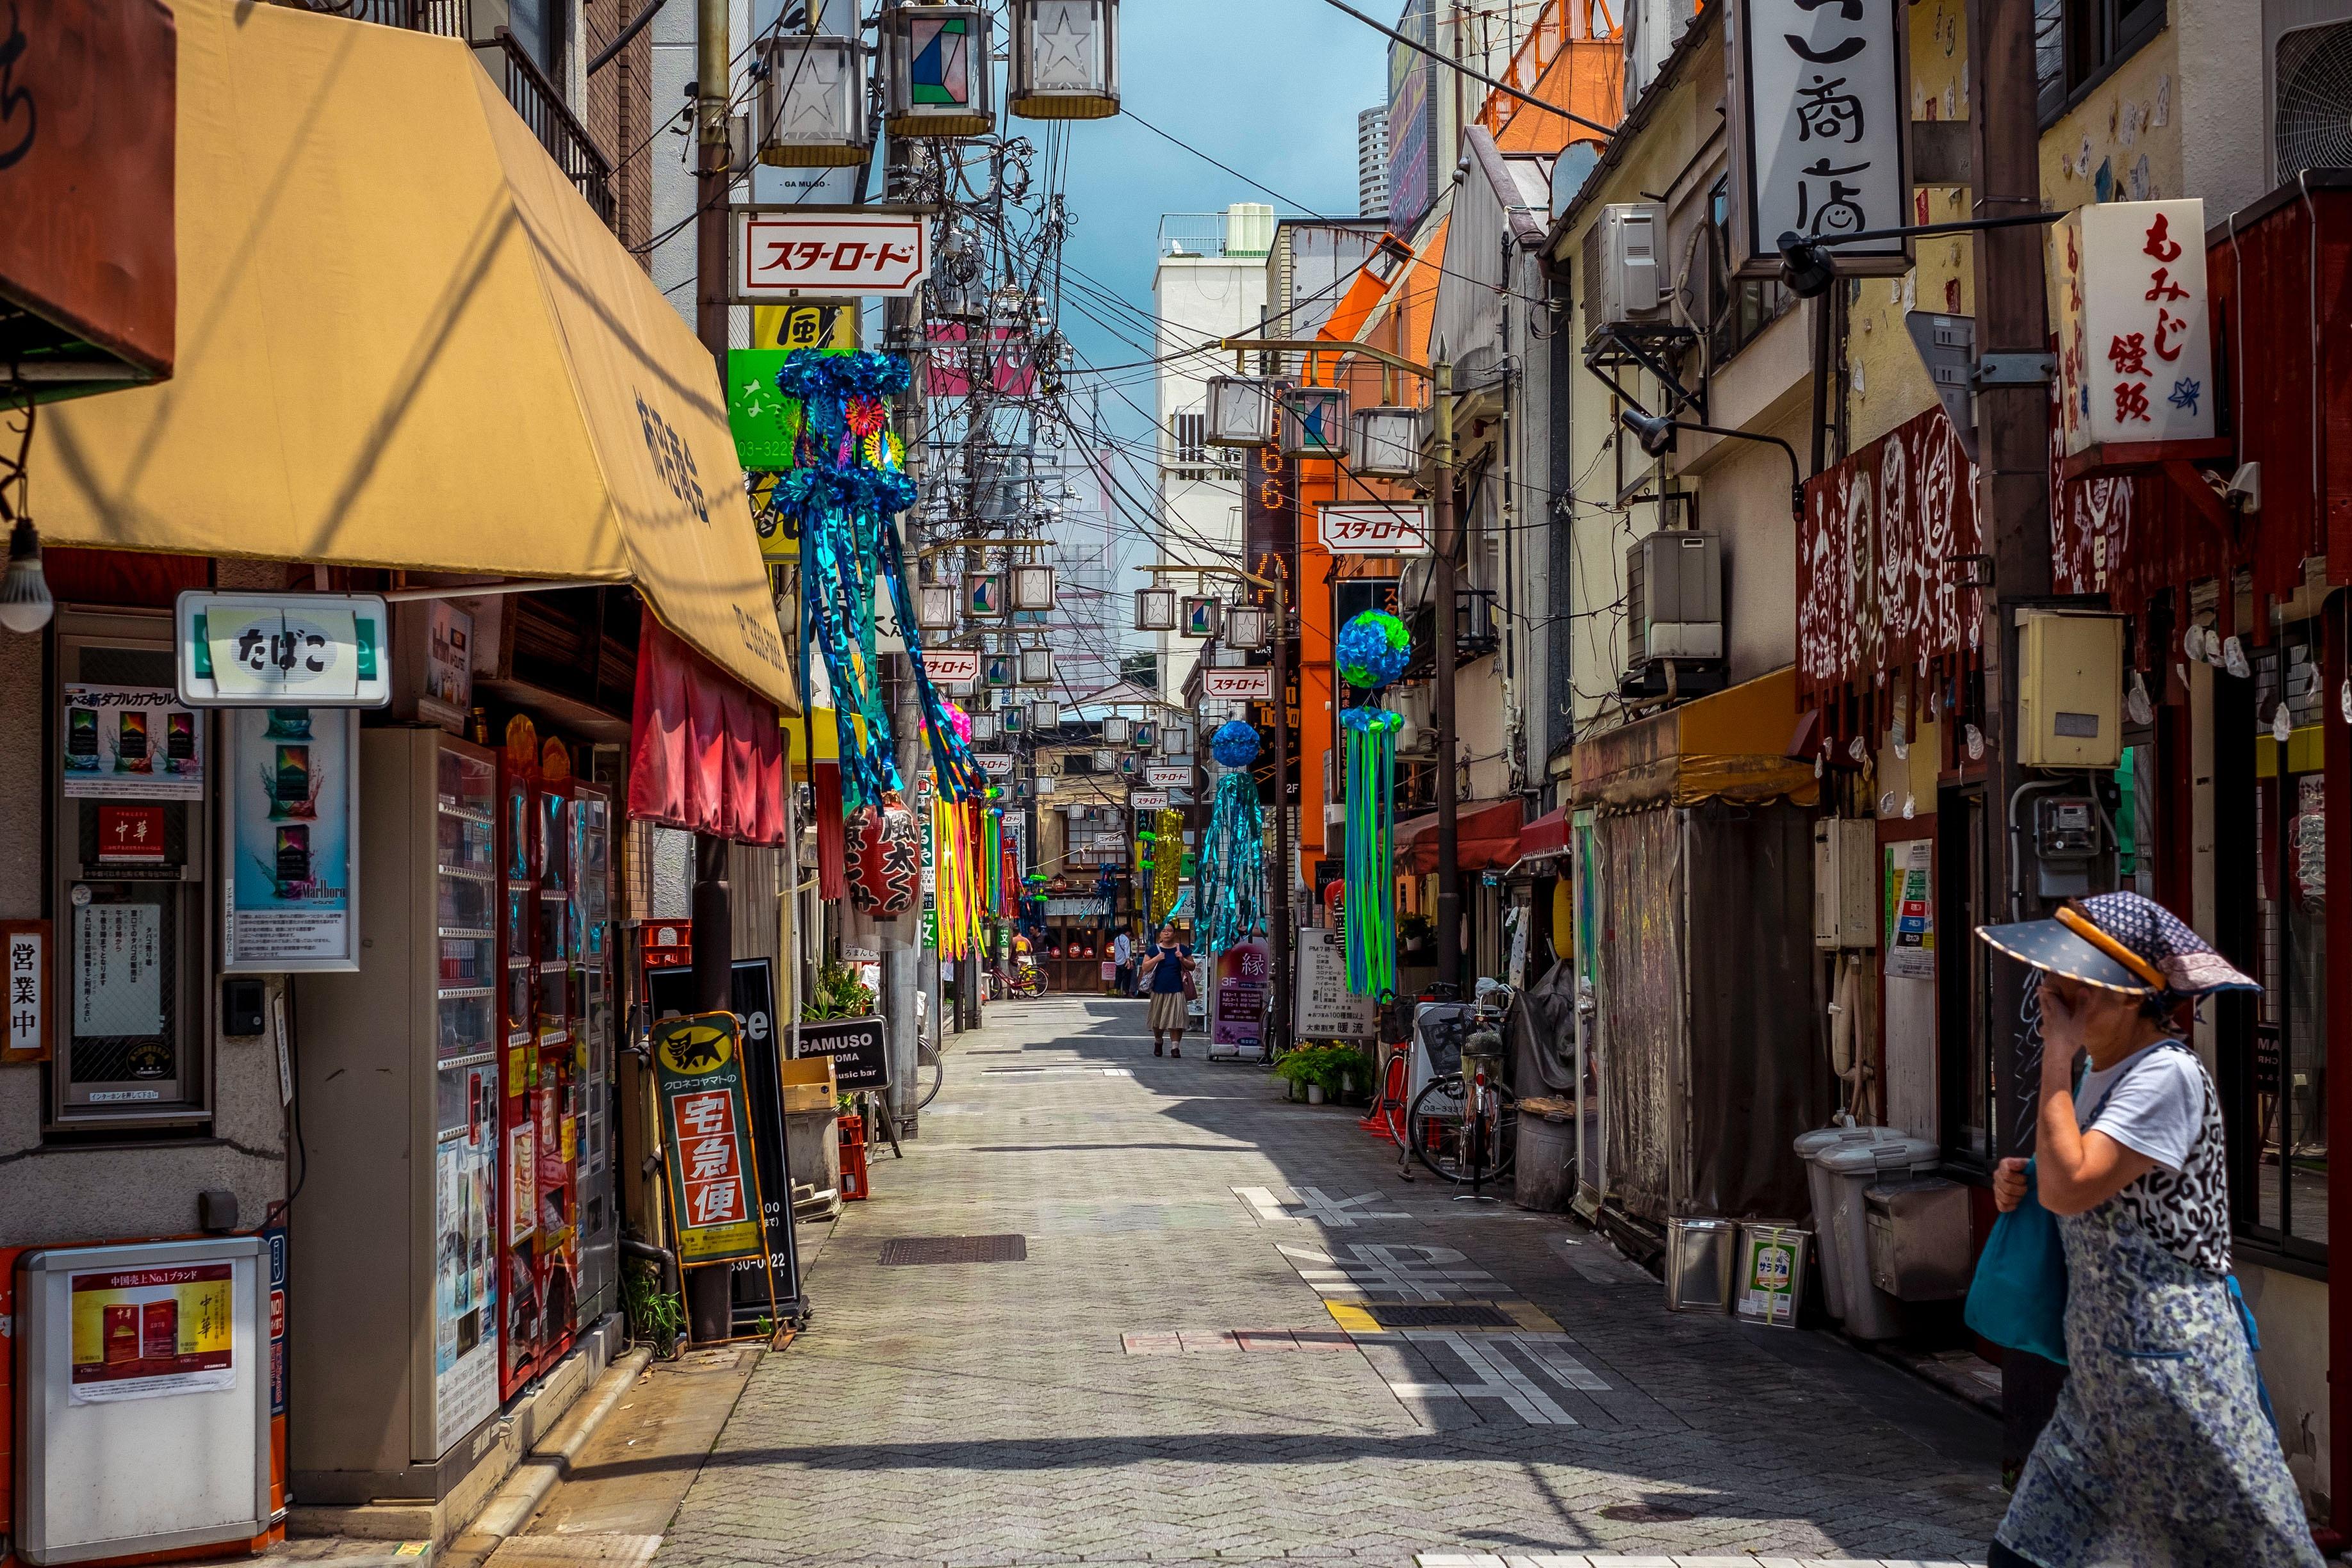 Les zones urbaines peuvent vite se révéler étouffantes - Photo Julie-Fader-unsplash